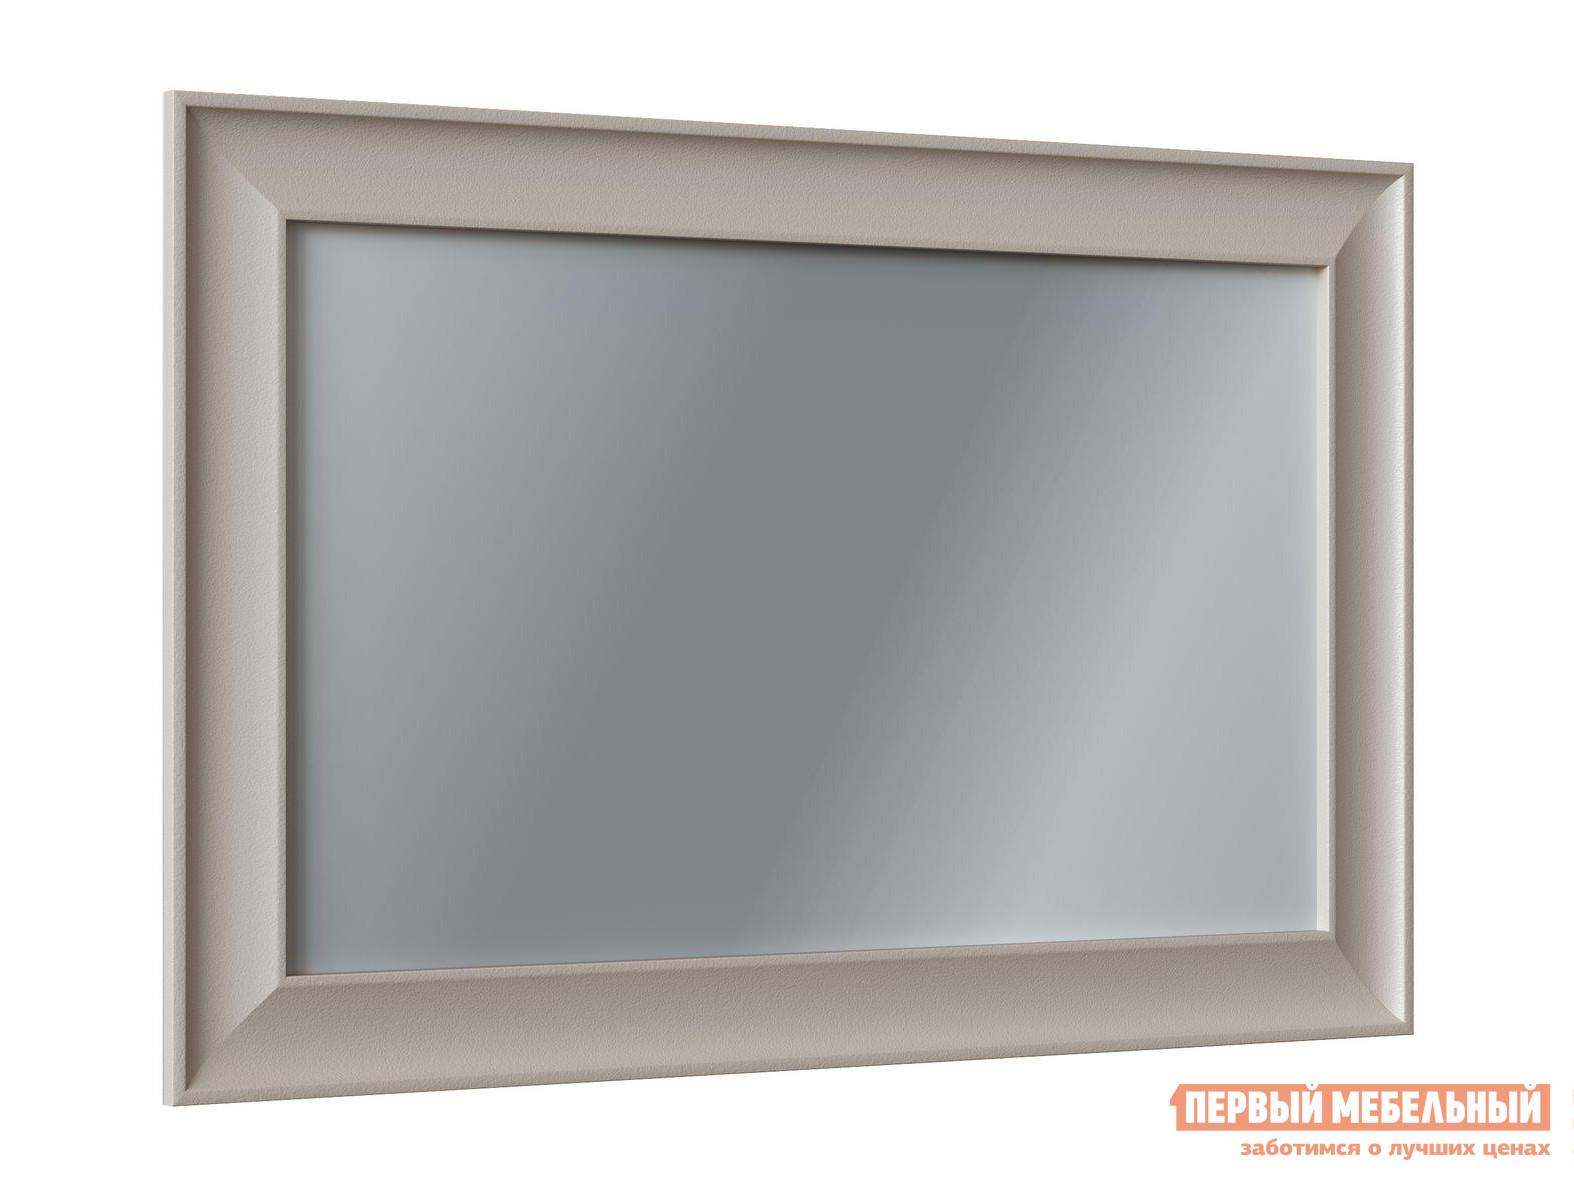 Зеркало Первый Мебельный Прато ЗР напольное зеркало первый мебельный прато вз